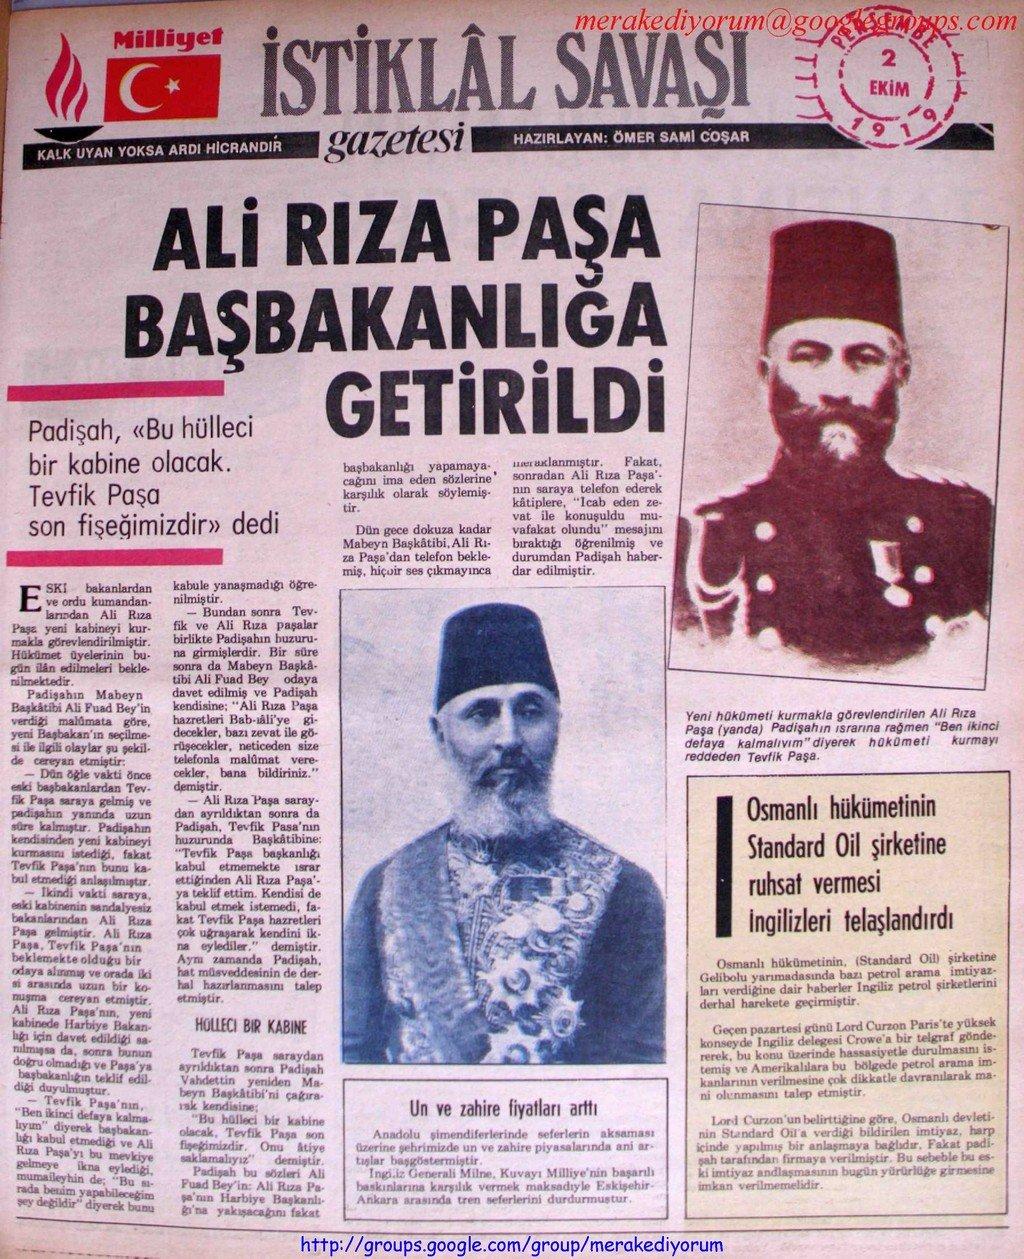 istiklal savaşı gazetesi - 2 ekim 1919